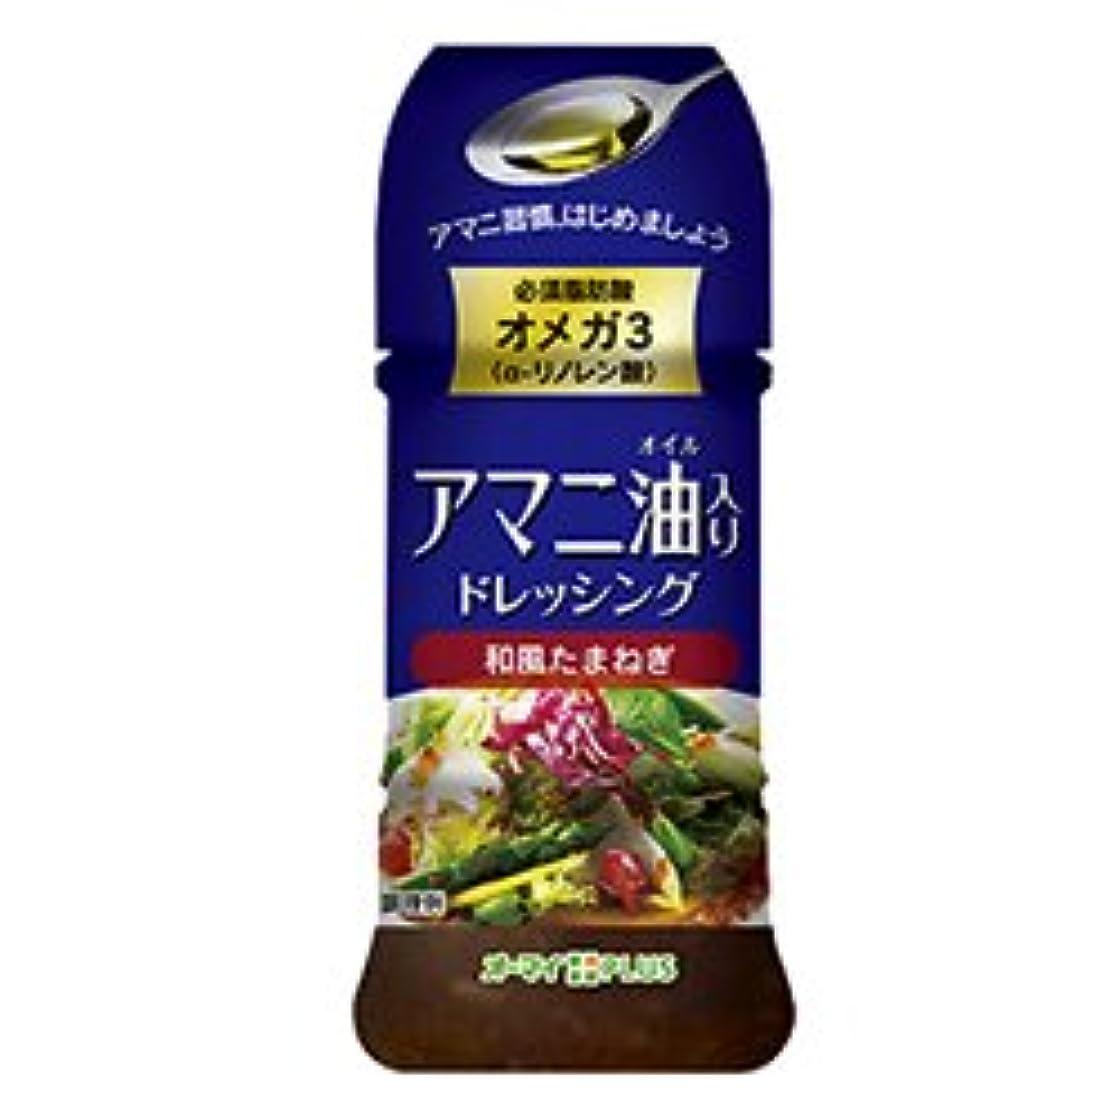 証明する上レンチアマニ油ドレッシング 和風たまねぎ【5本セット】日本製粉